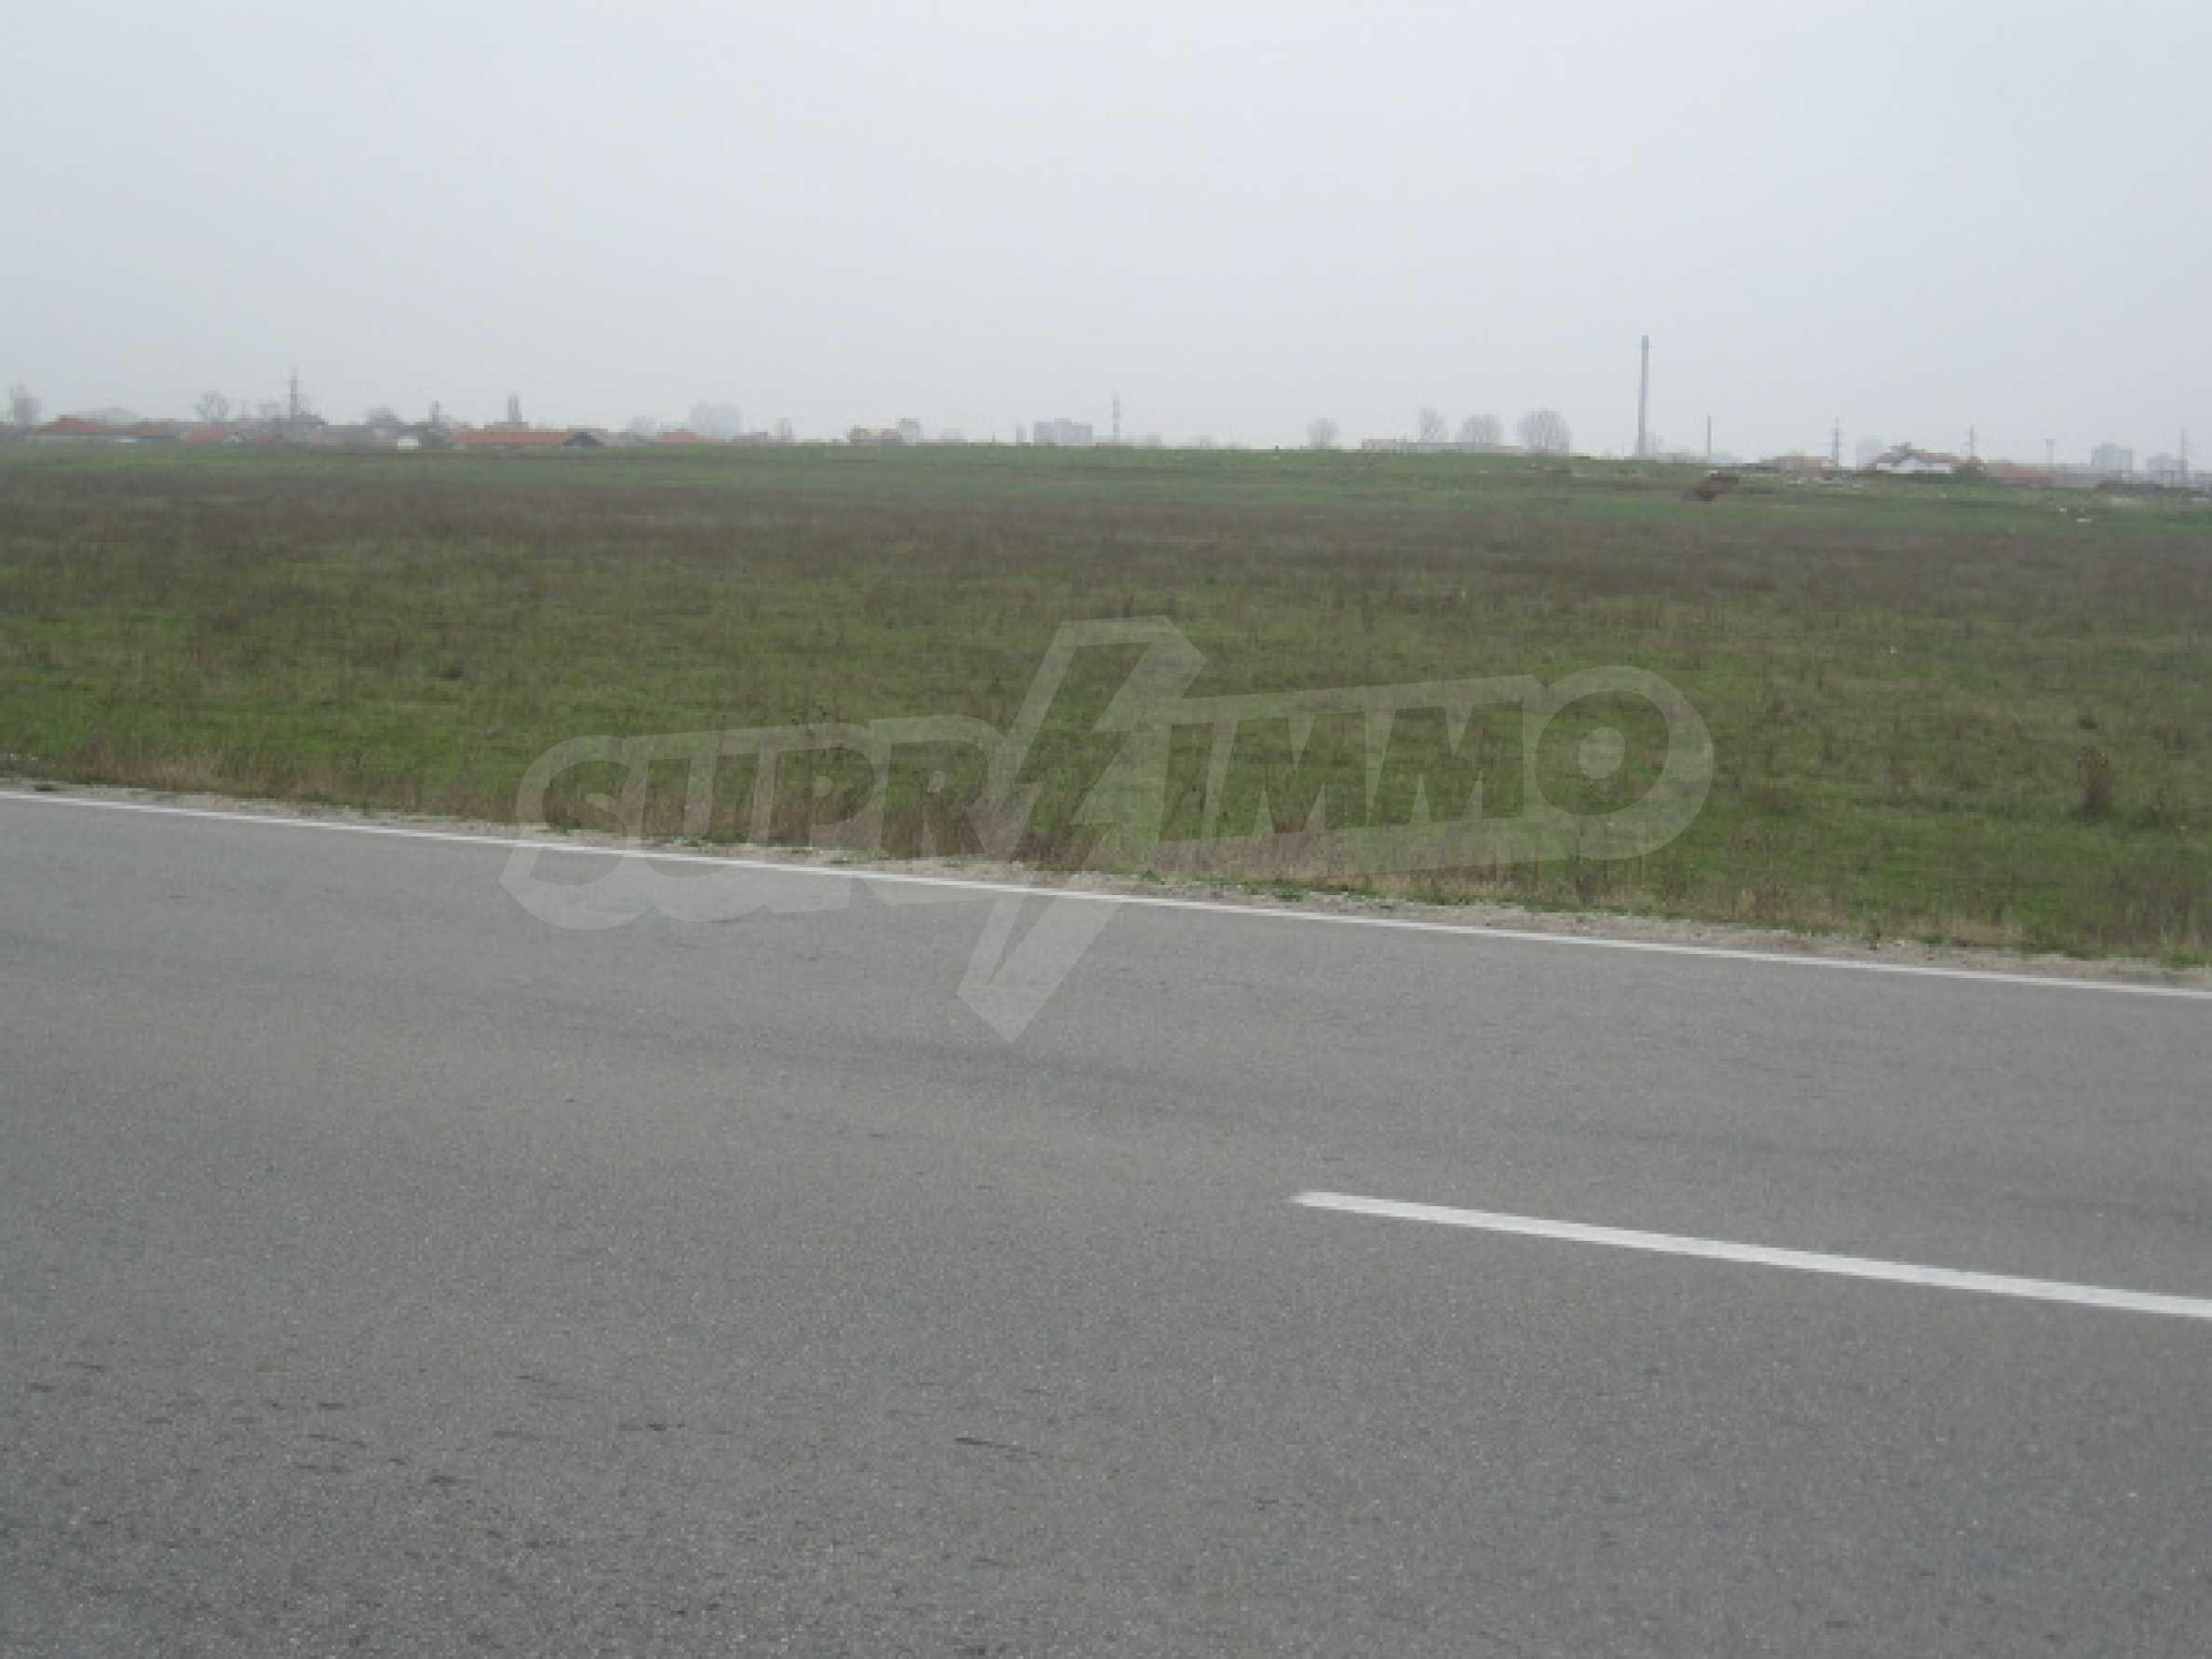 Сельскохозяйственная земля вблизи г. Видин 5